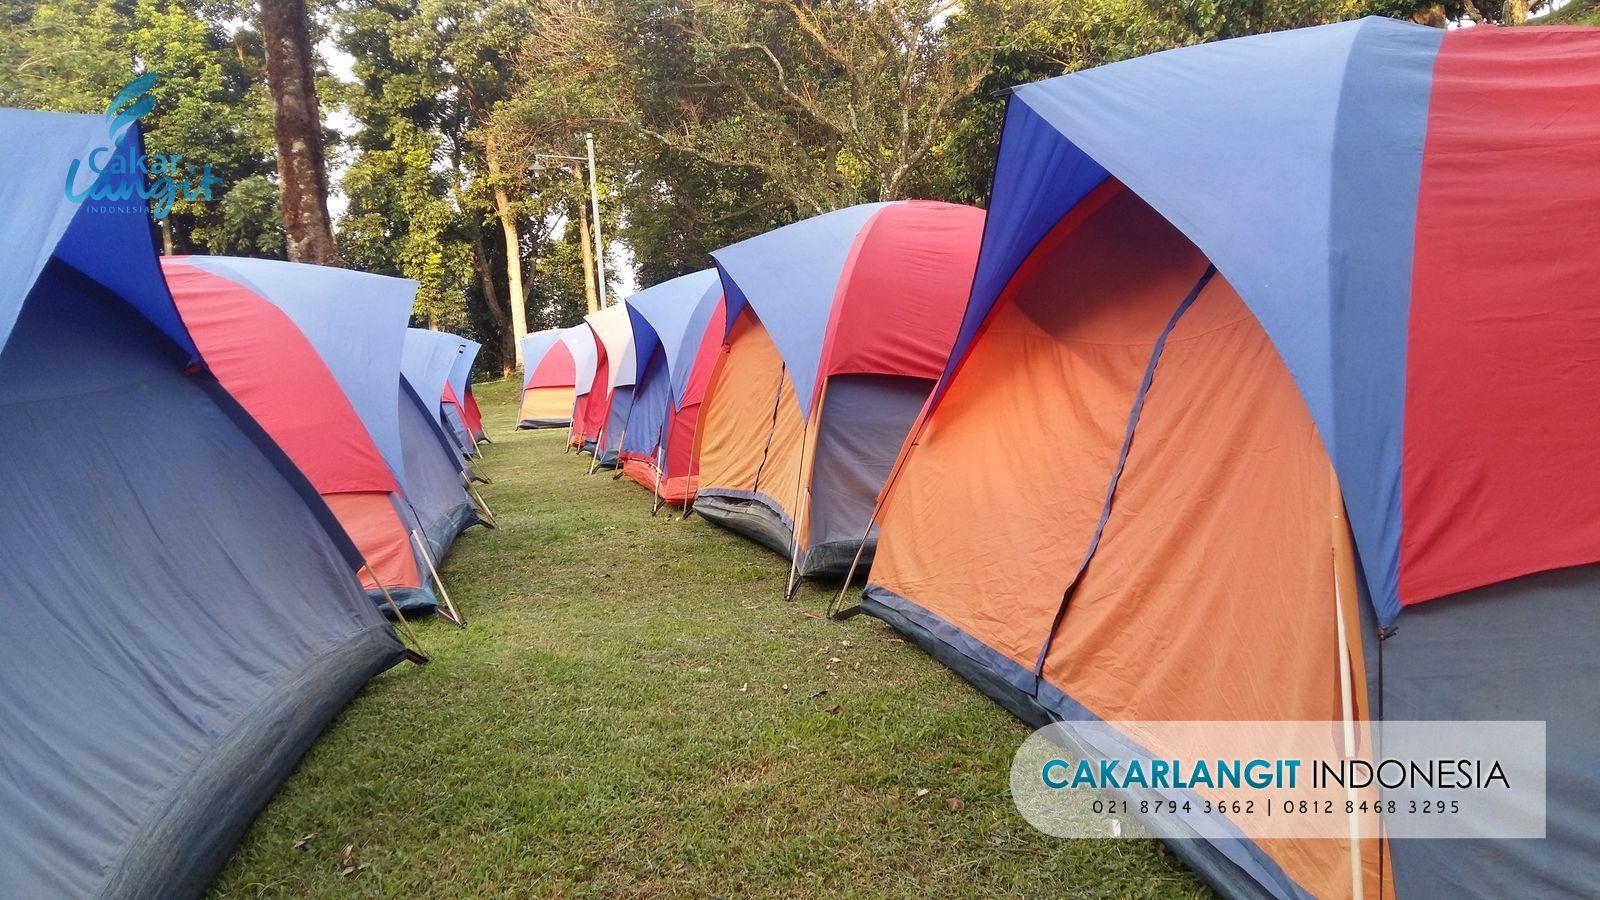 02198943662 Dimana Tempat Penyewaan Alat Camping Murah Daerah Pasirkaliki Kota Cimahi